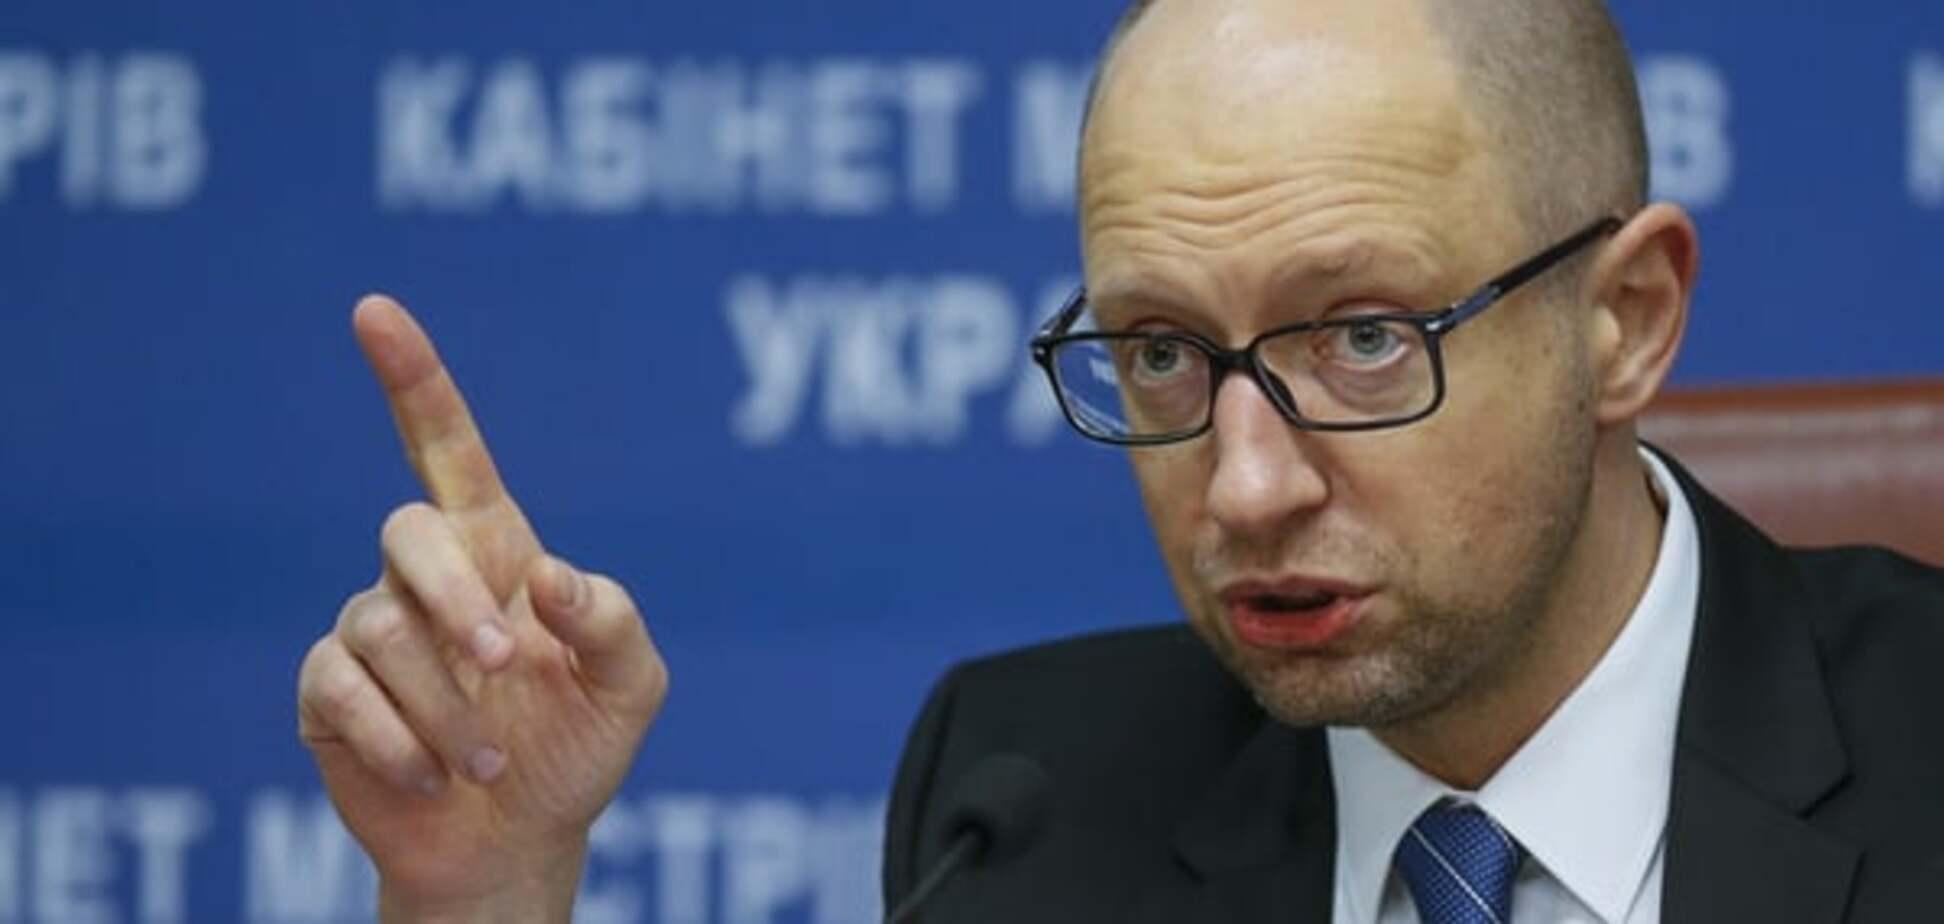 Яценюк 'прикрив' виведення $ 40 млн командою Авакова: опубліковано документ